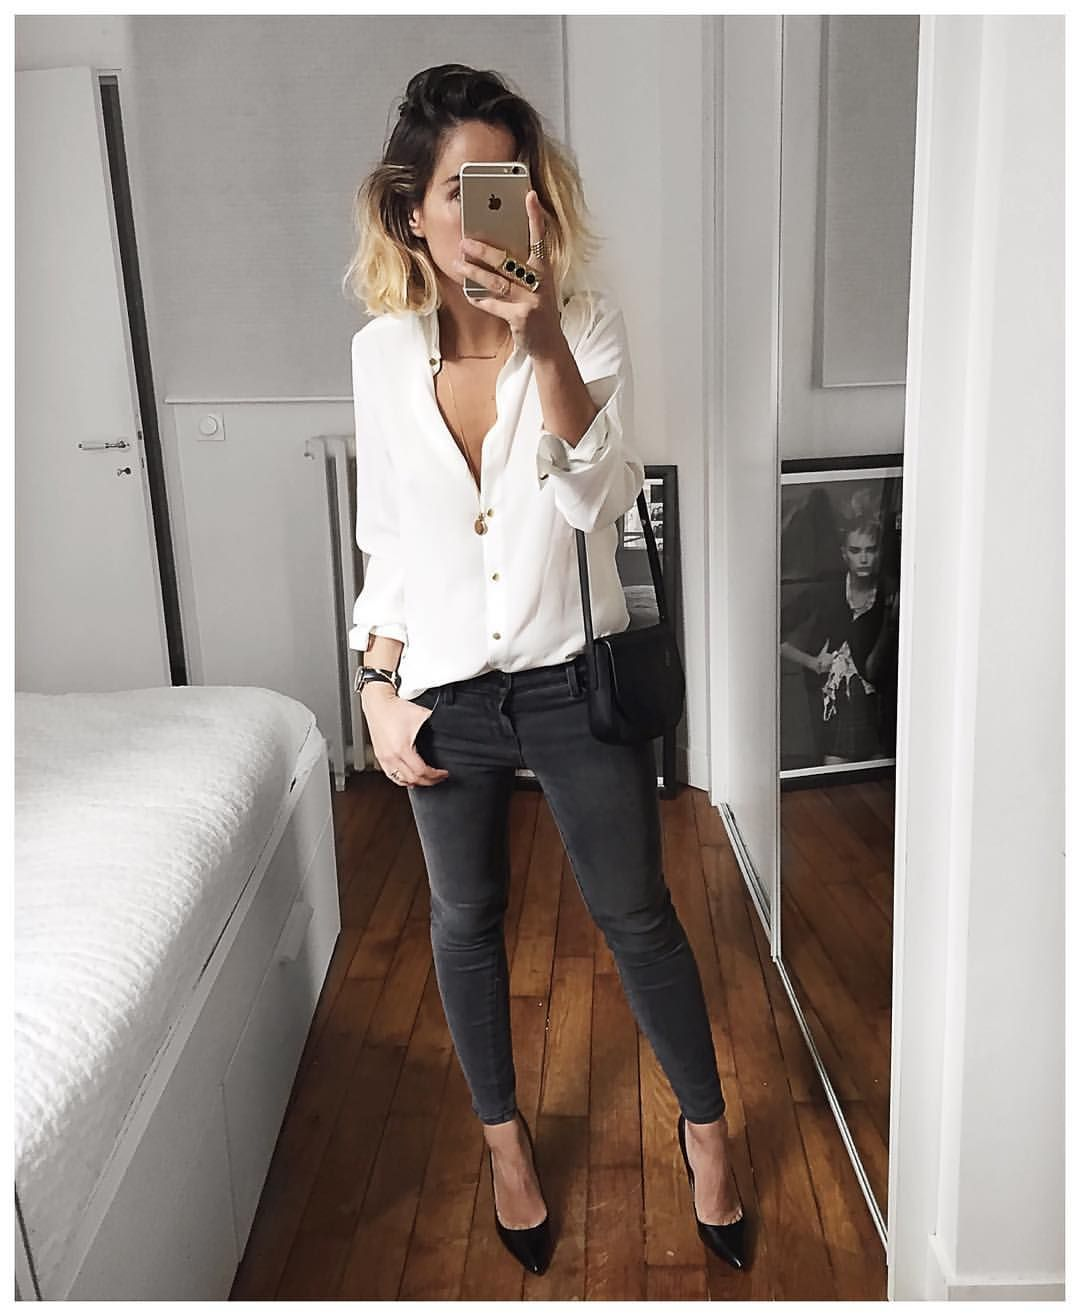 Audrey P Instagram Bonne Soir E Silk Shirt Sezane